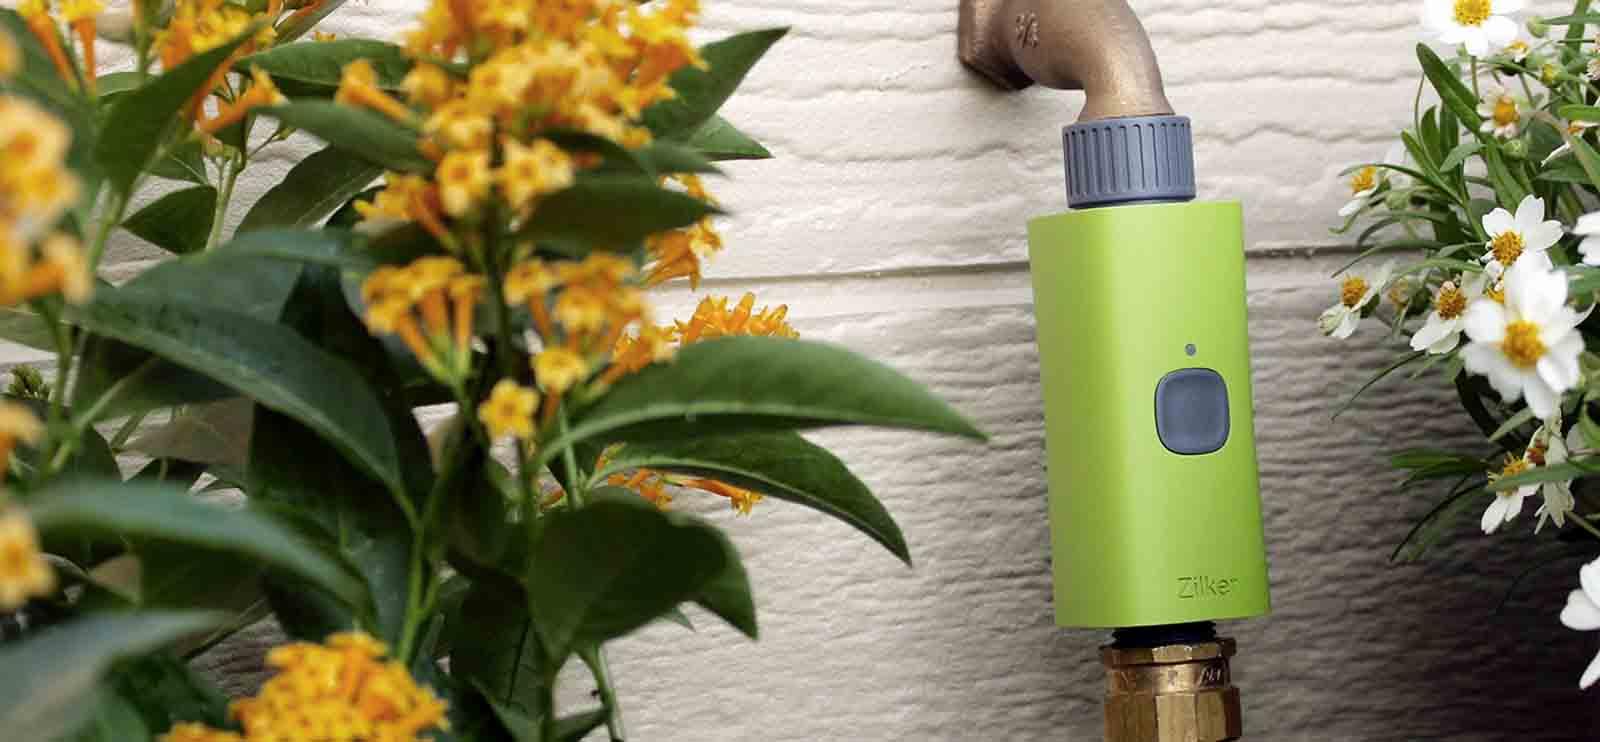 رونمایی از جدیدترین سیستم آبیاری هوشمند